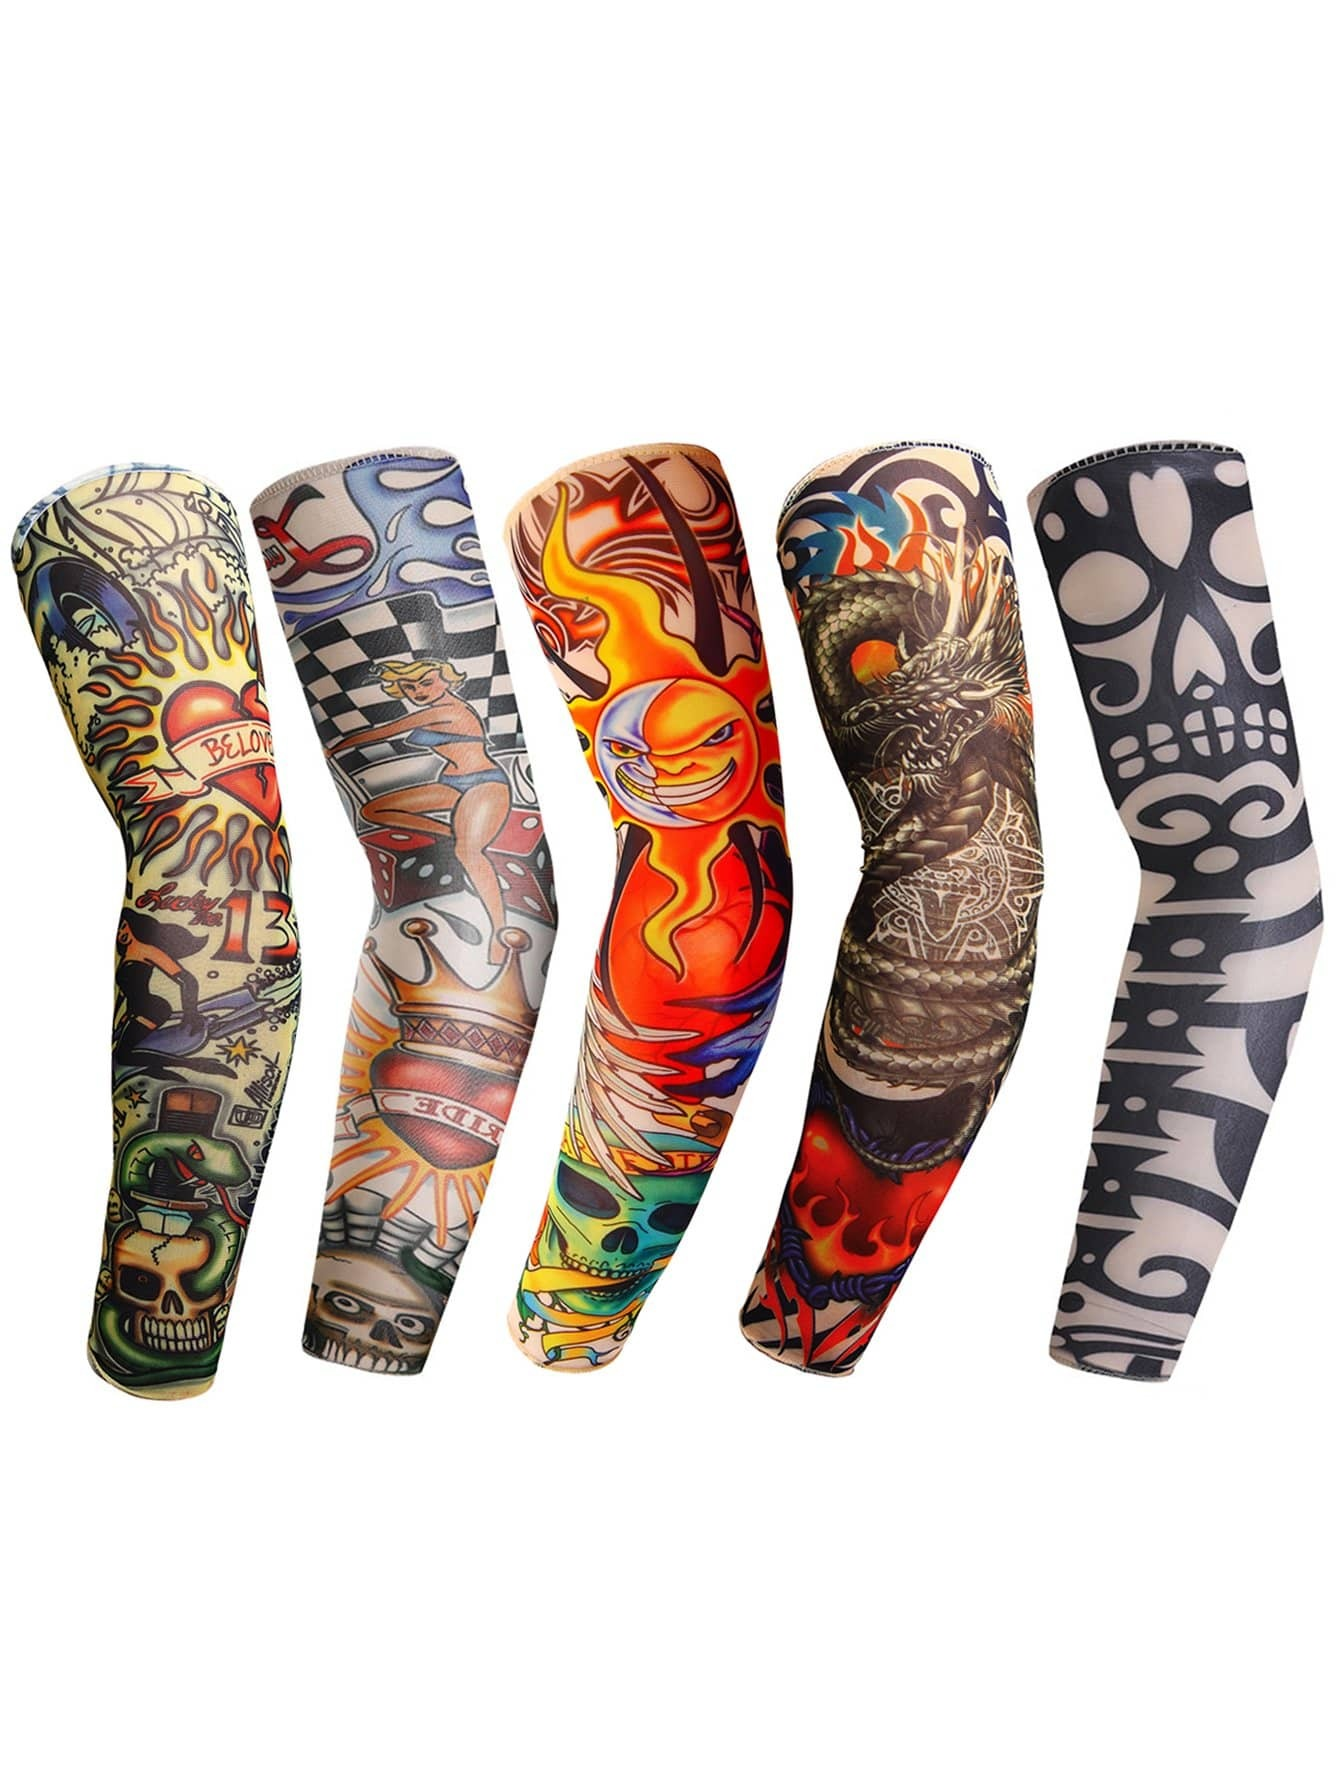 Männer Sonnencreme Arm Tattoo Ärmeln 5PCs